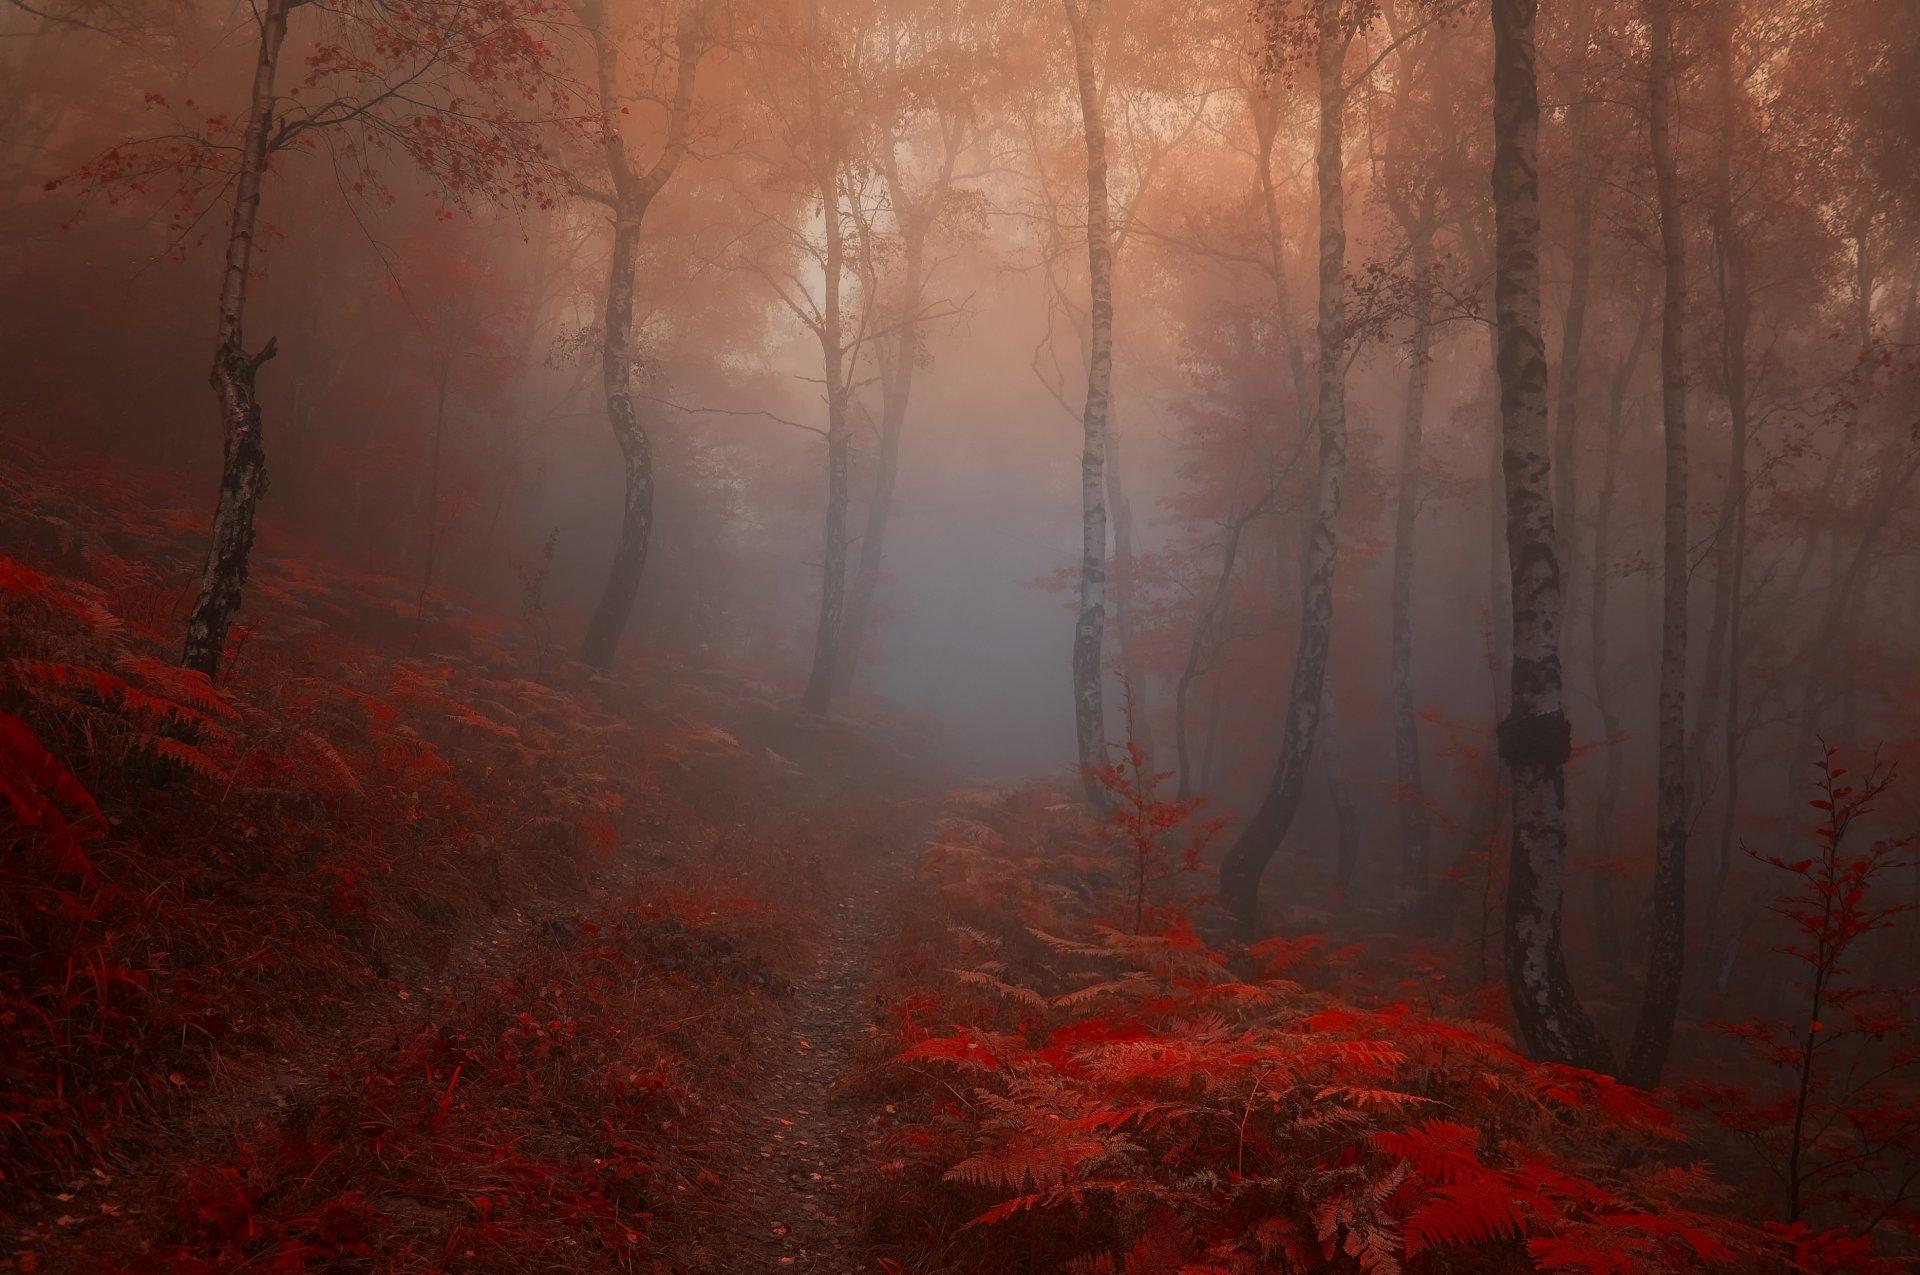 обои на рабочий стол лес в тумане мрачноватый гриппа типов